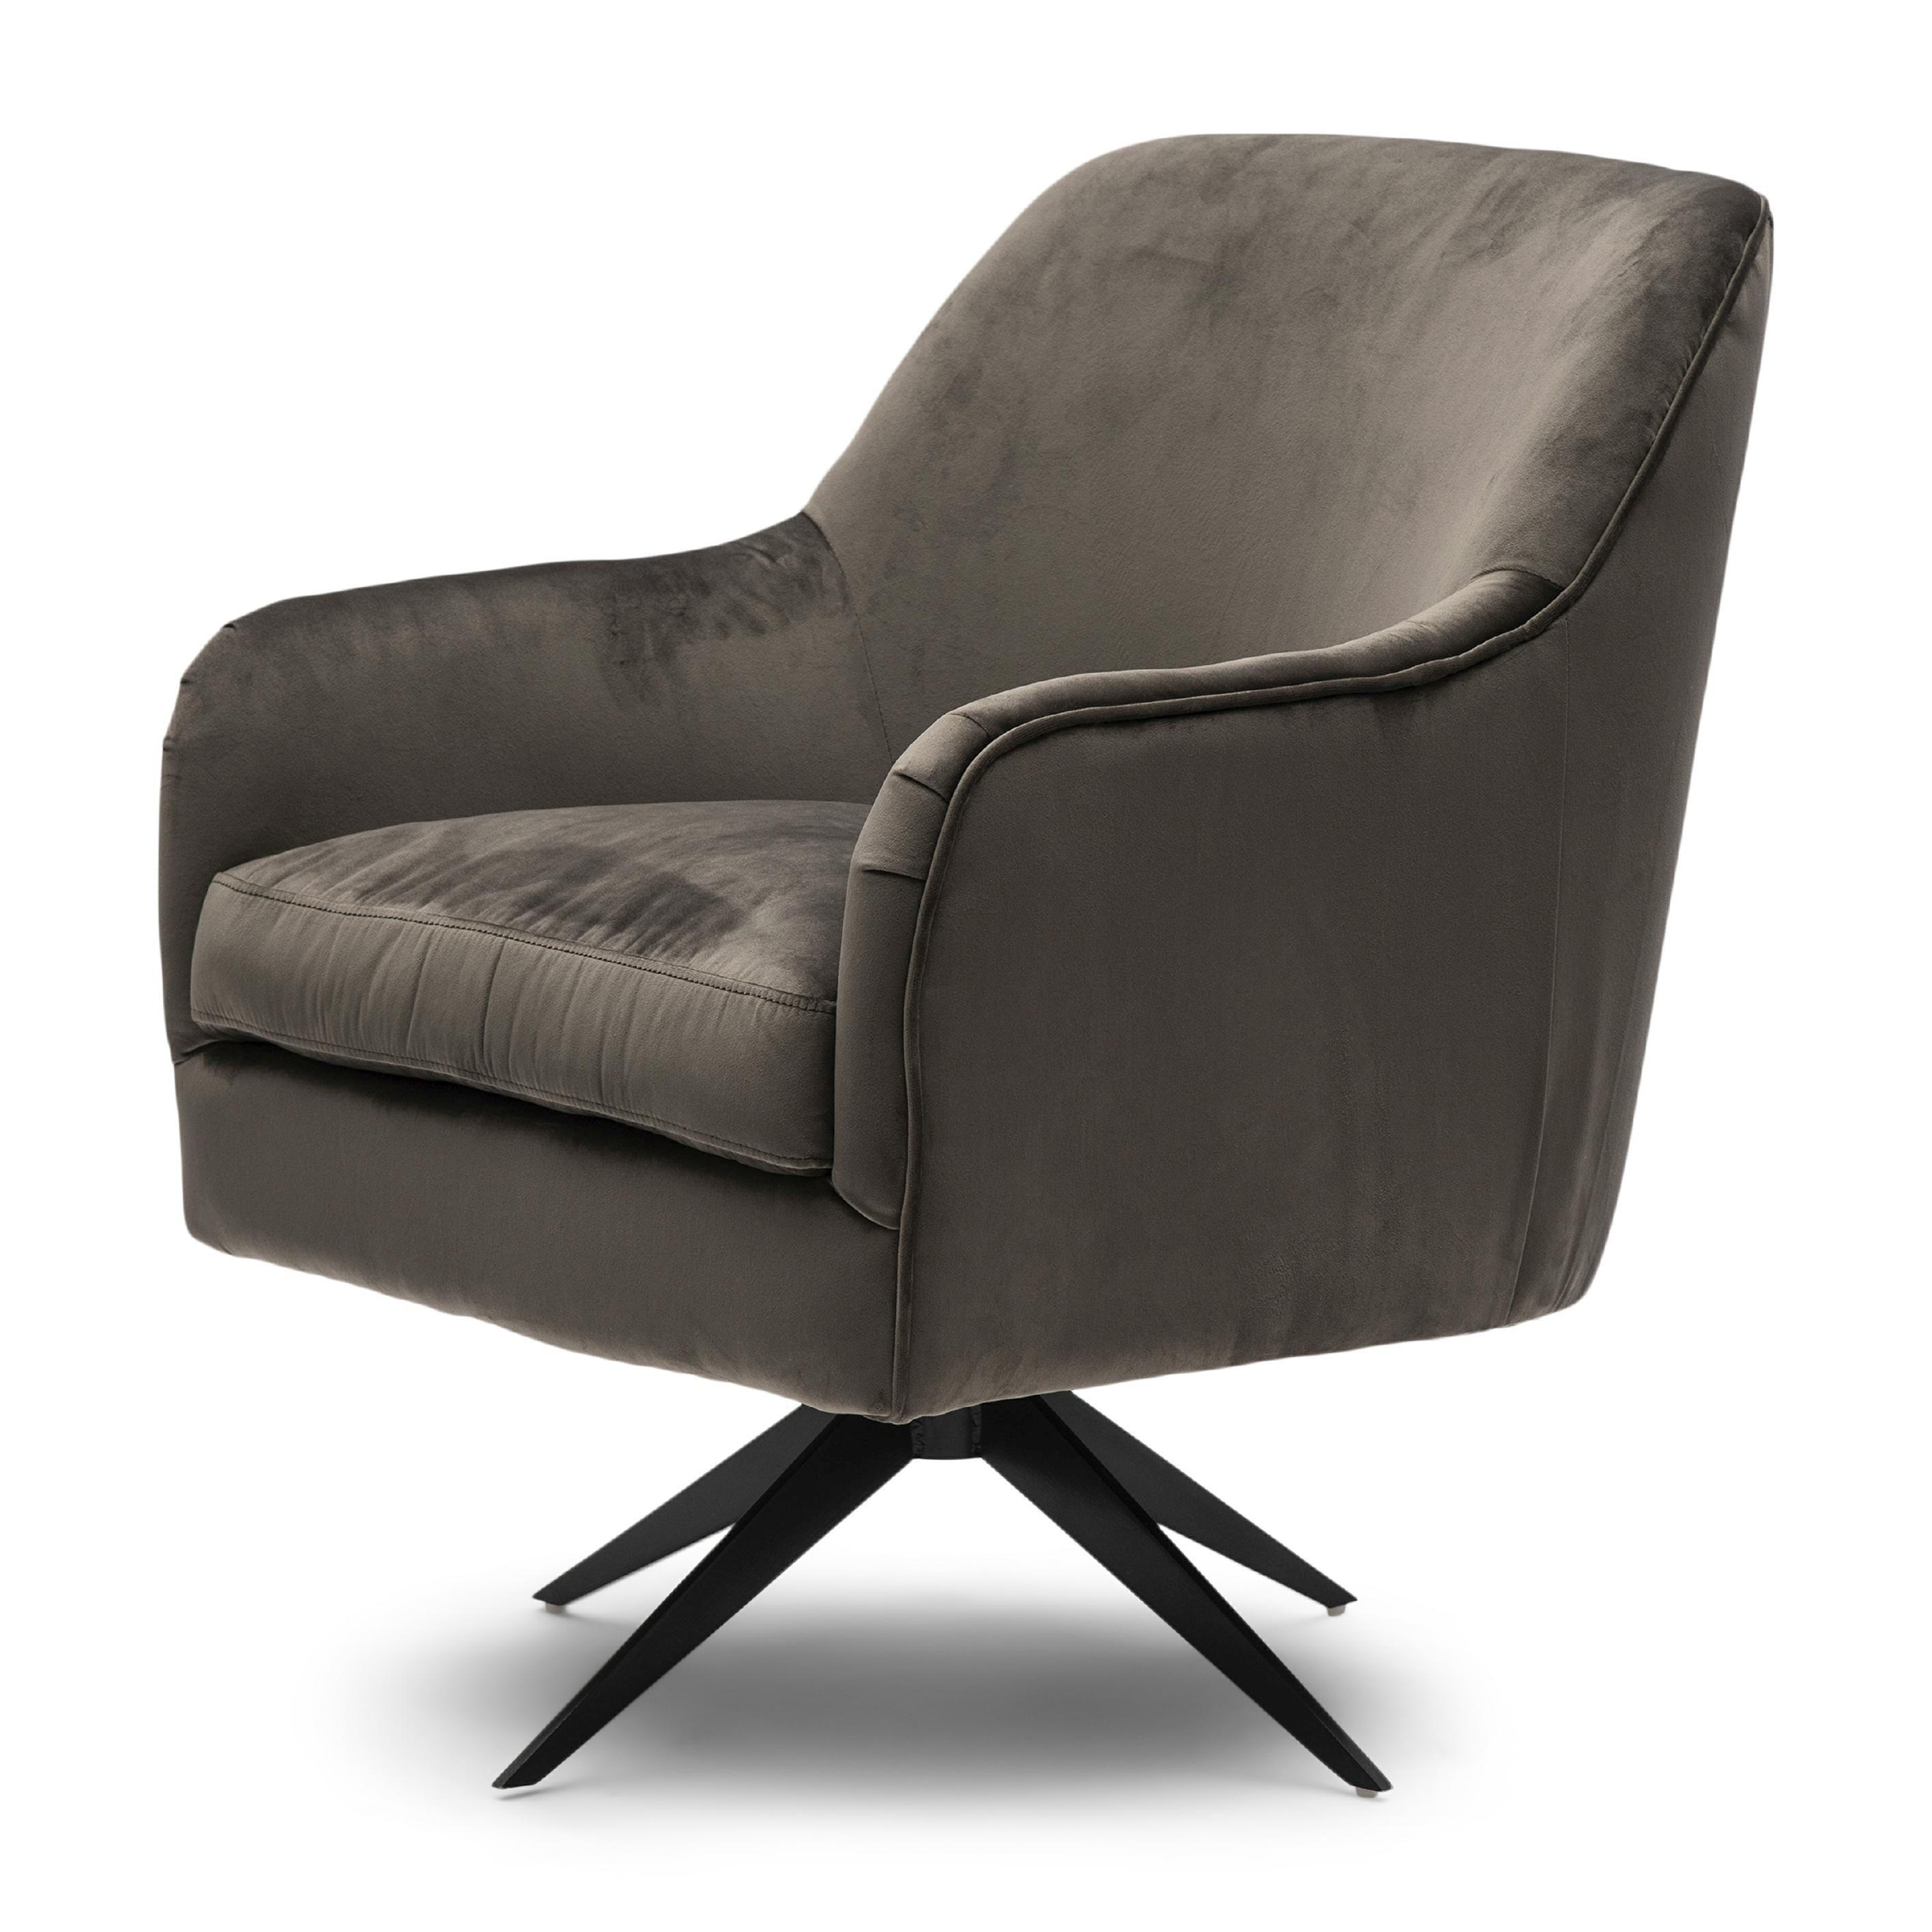 Fawcett Swivel Chair Black Leg velvet III anthracite / Rivièra Maison